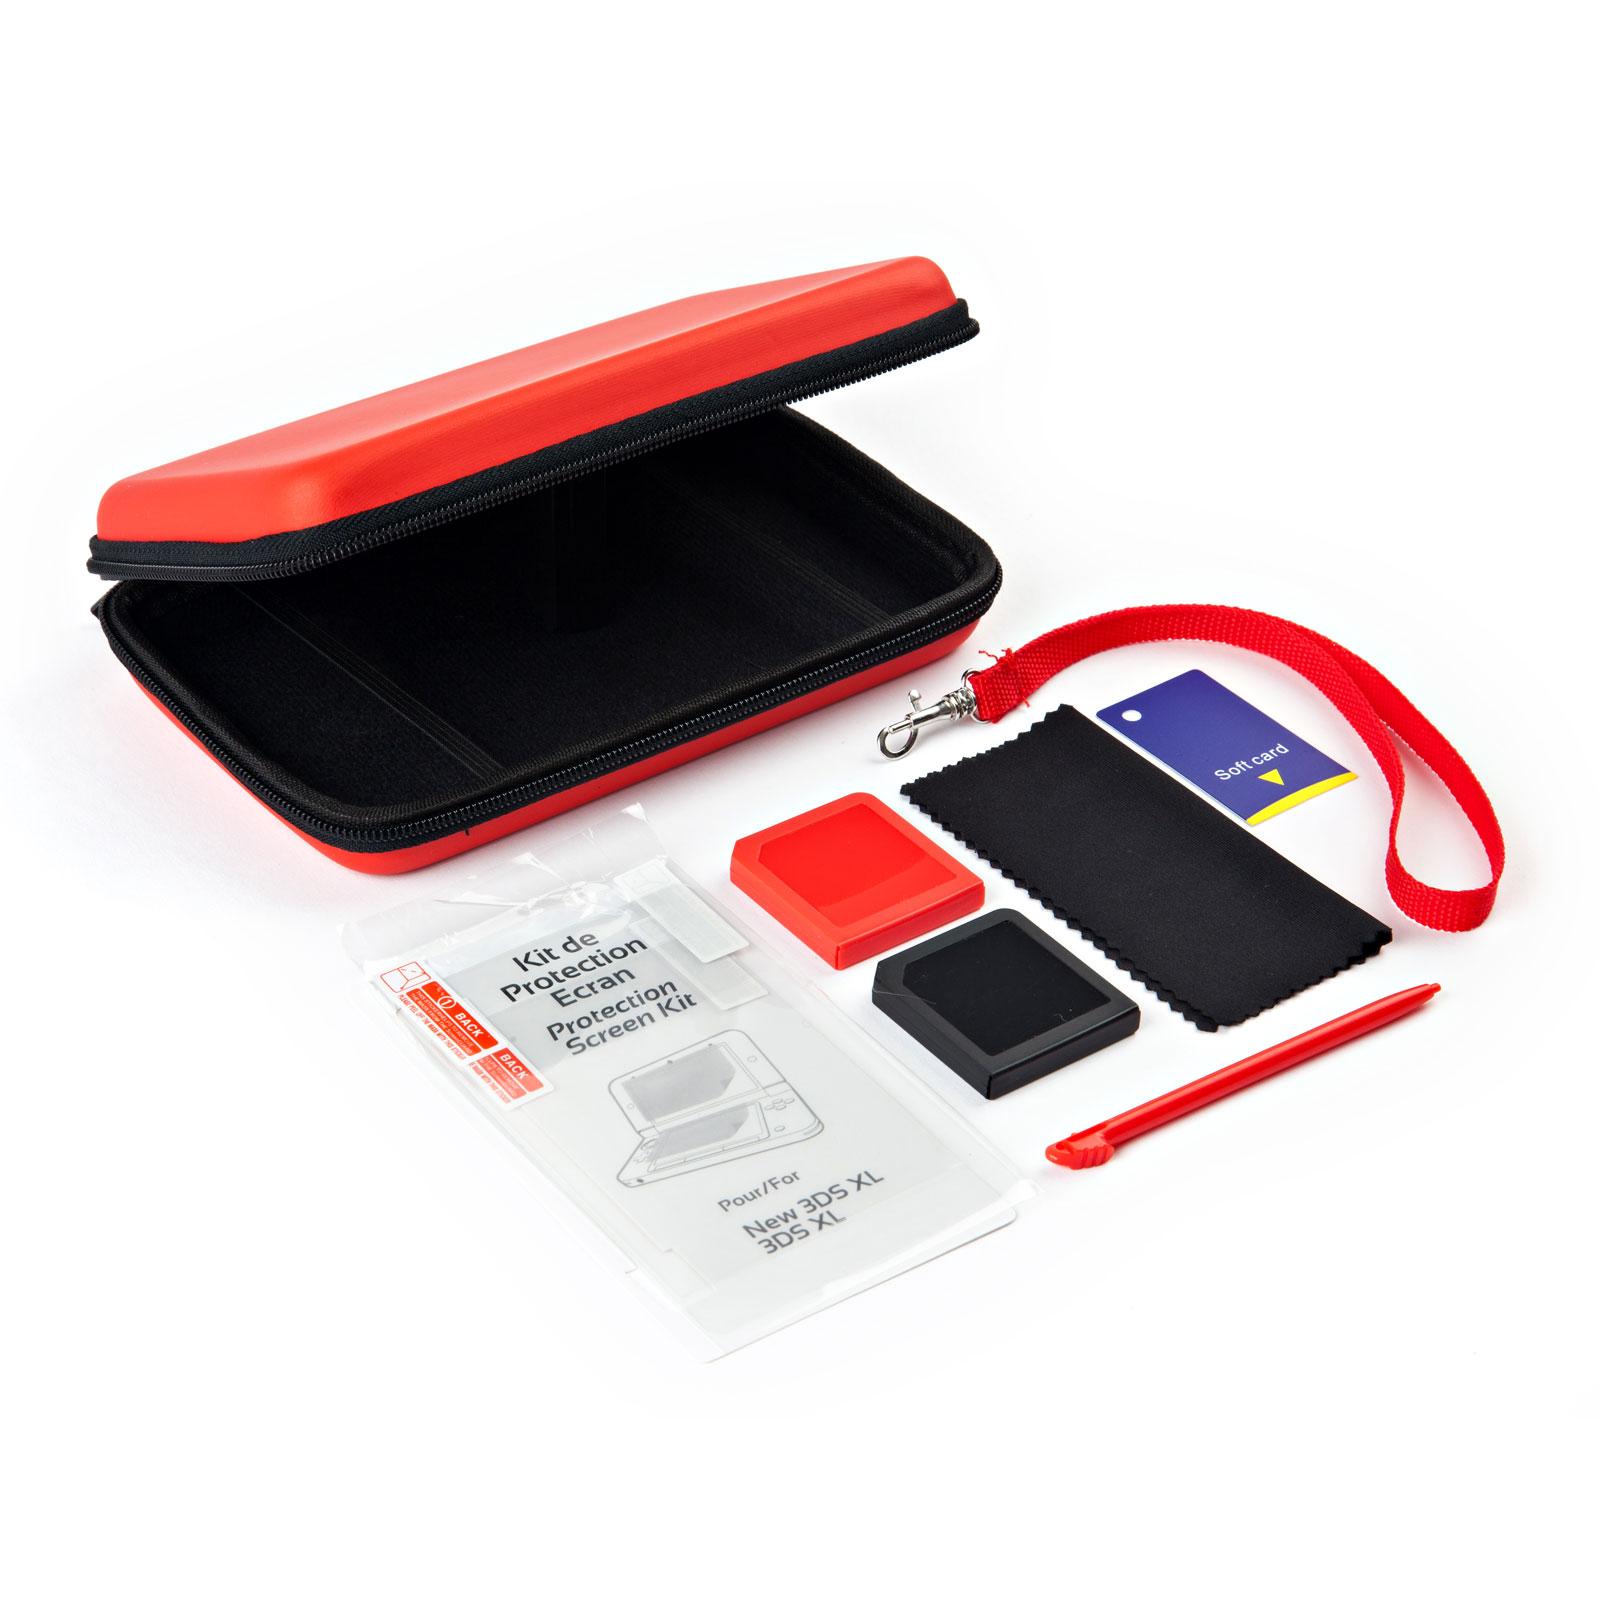 under control starter pack nintendo new 3ds xl rouge. Black Bedroom Furniture Sets. Home Design Ideas